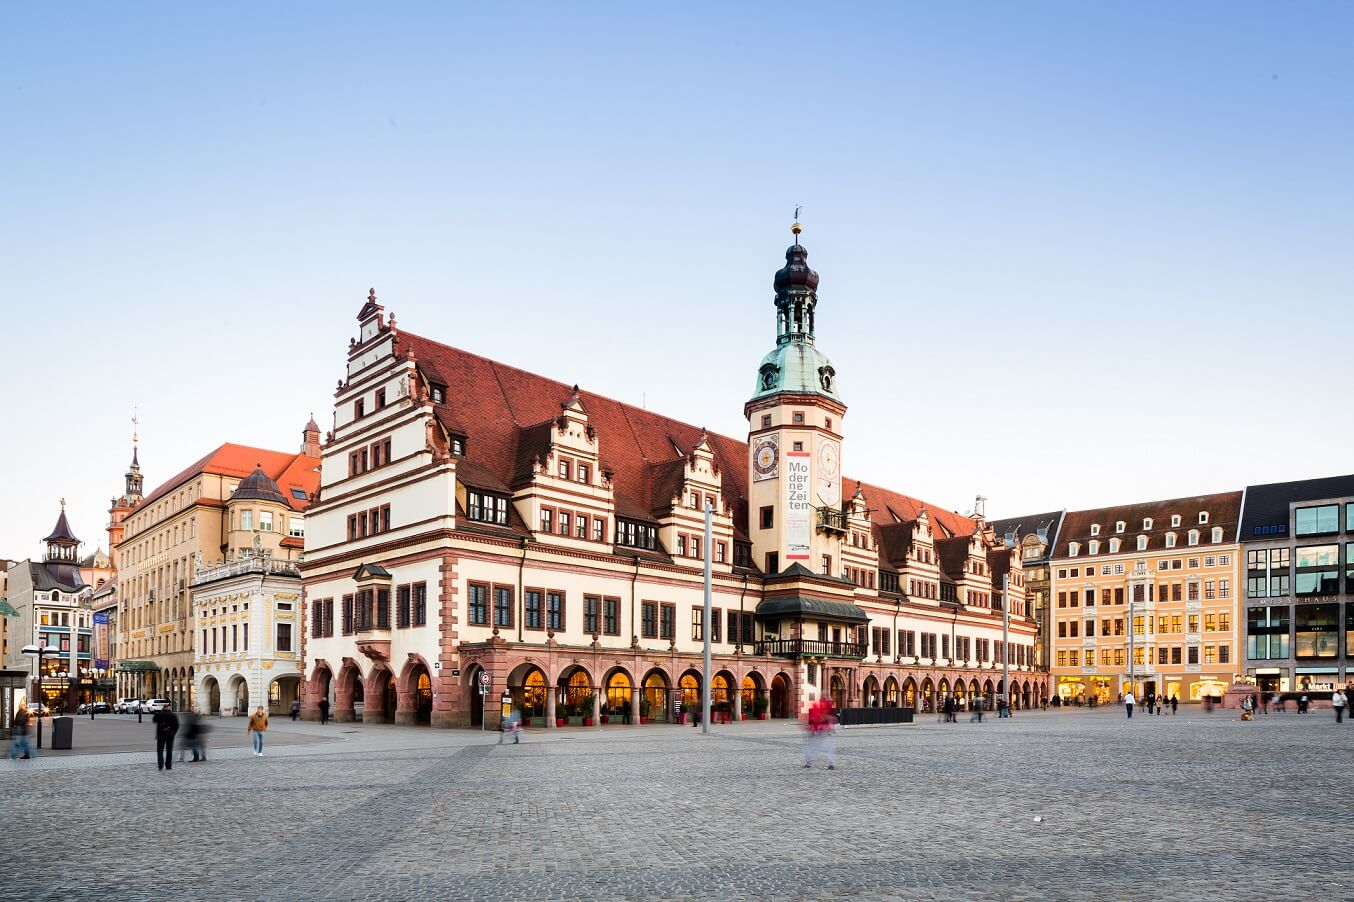 Das Rathaus am Marktplatz in Leipzig